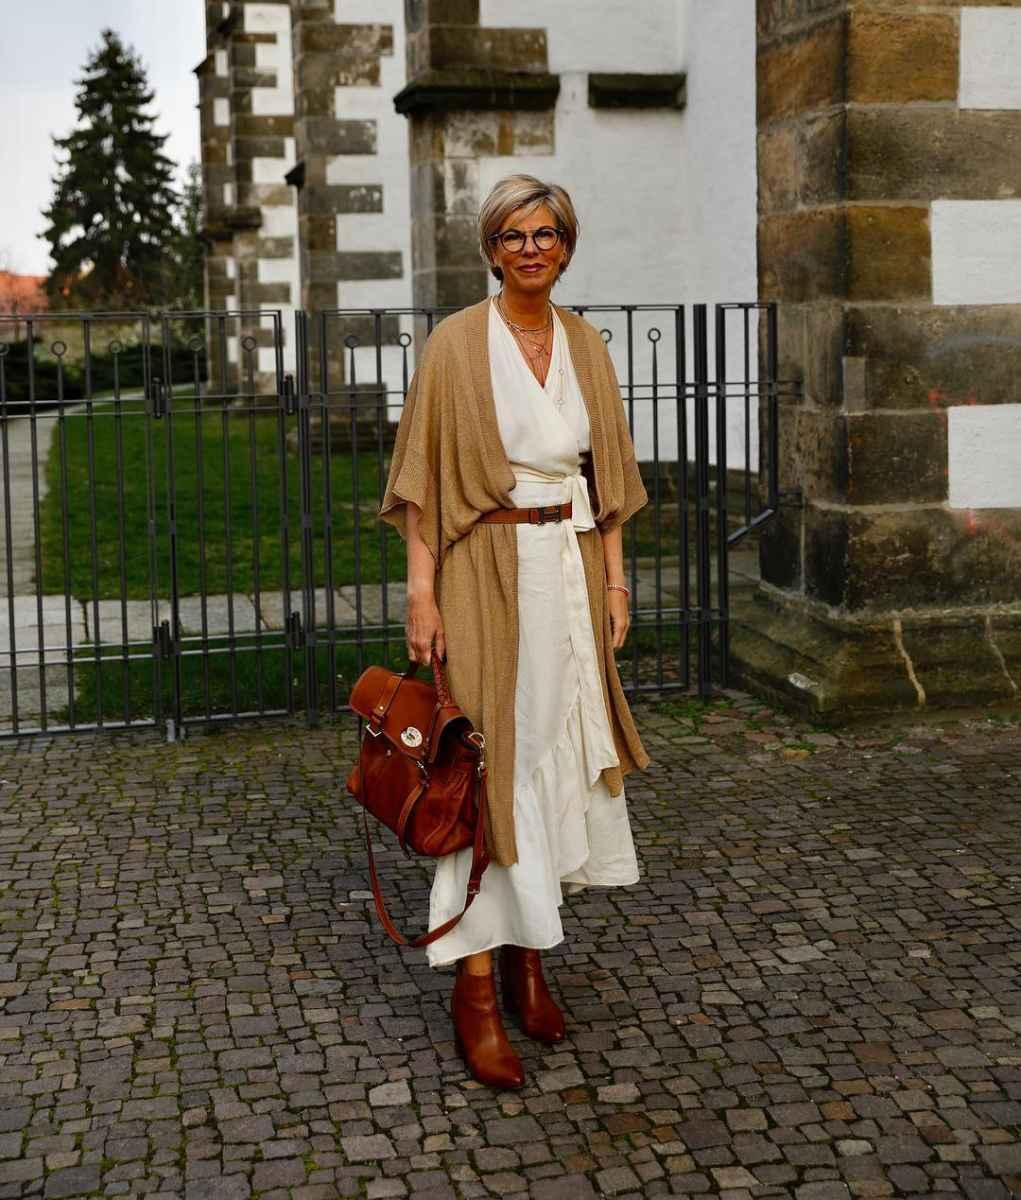 Модные платья для женщин 50 лет осень-зима 2019-2020 фото_22